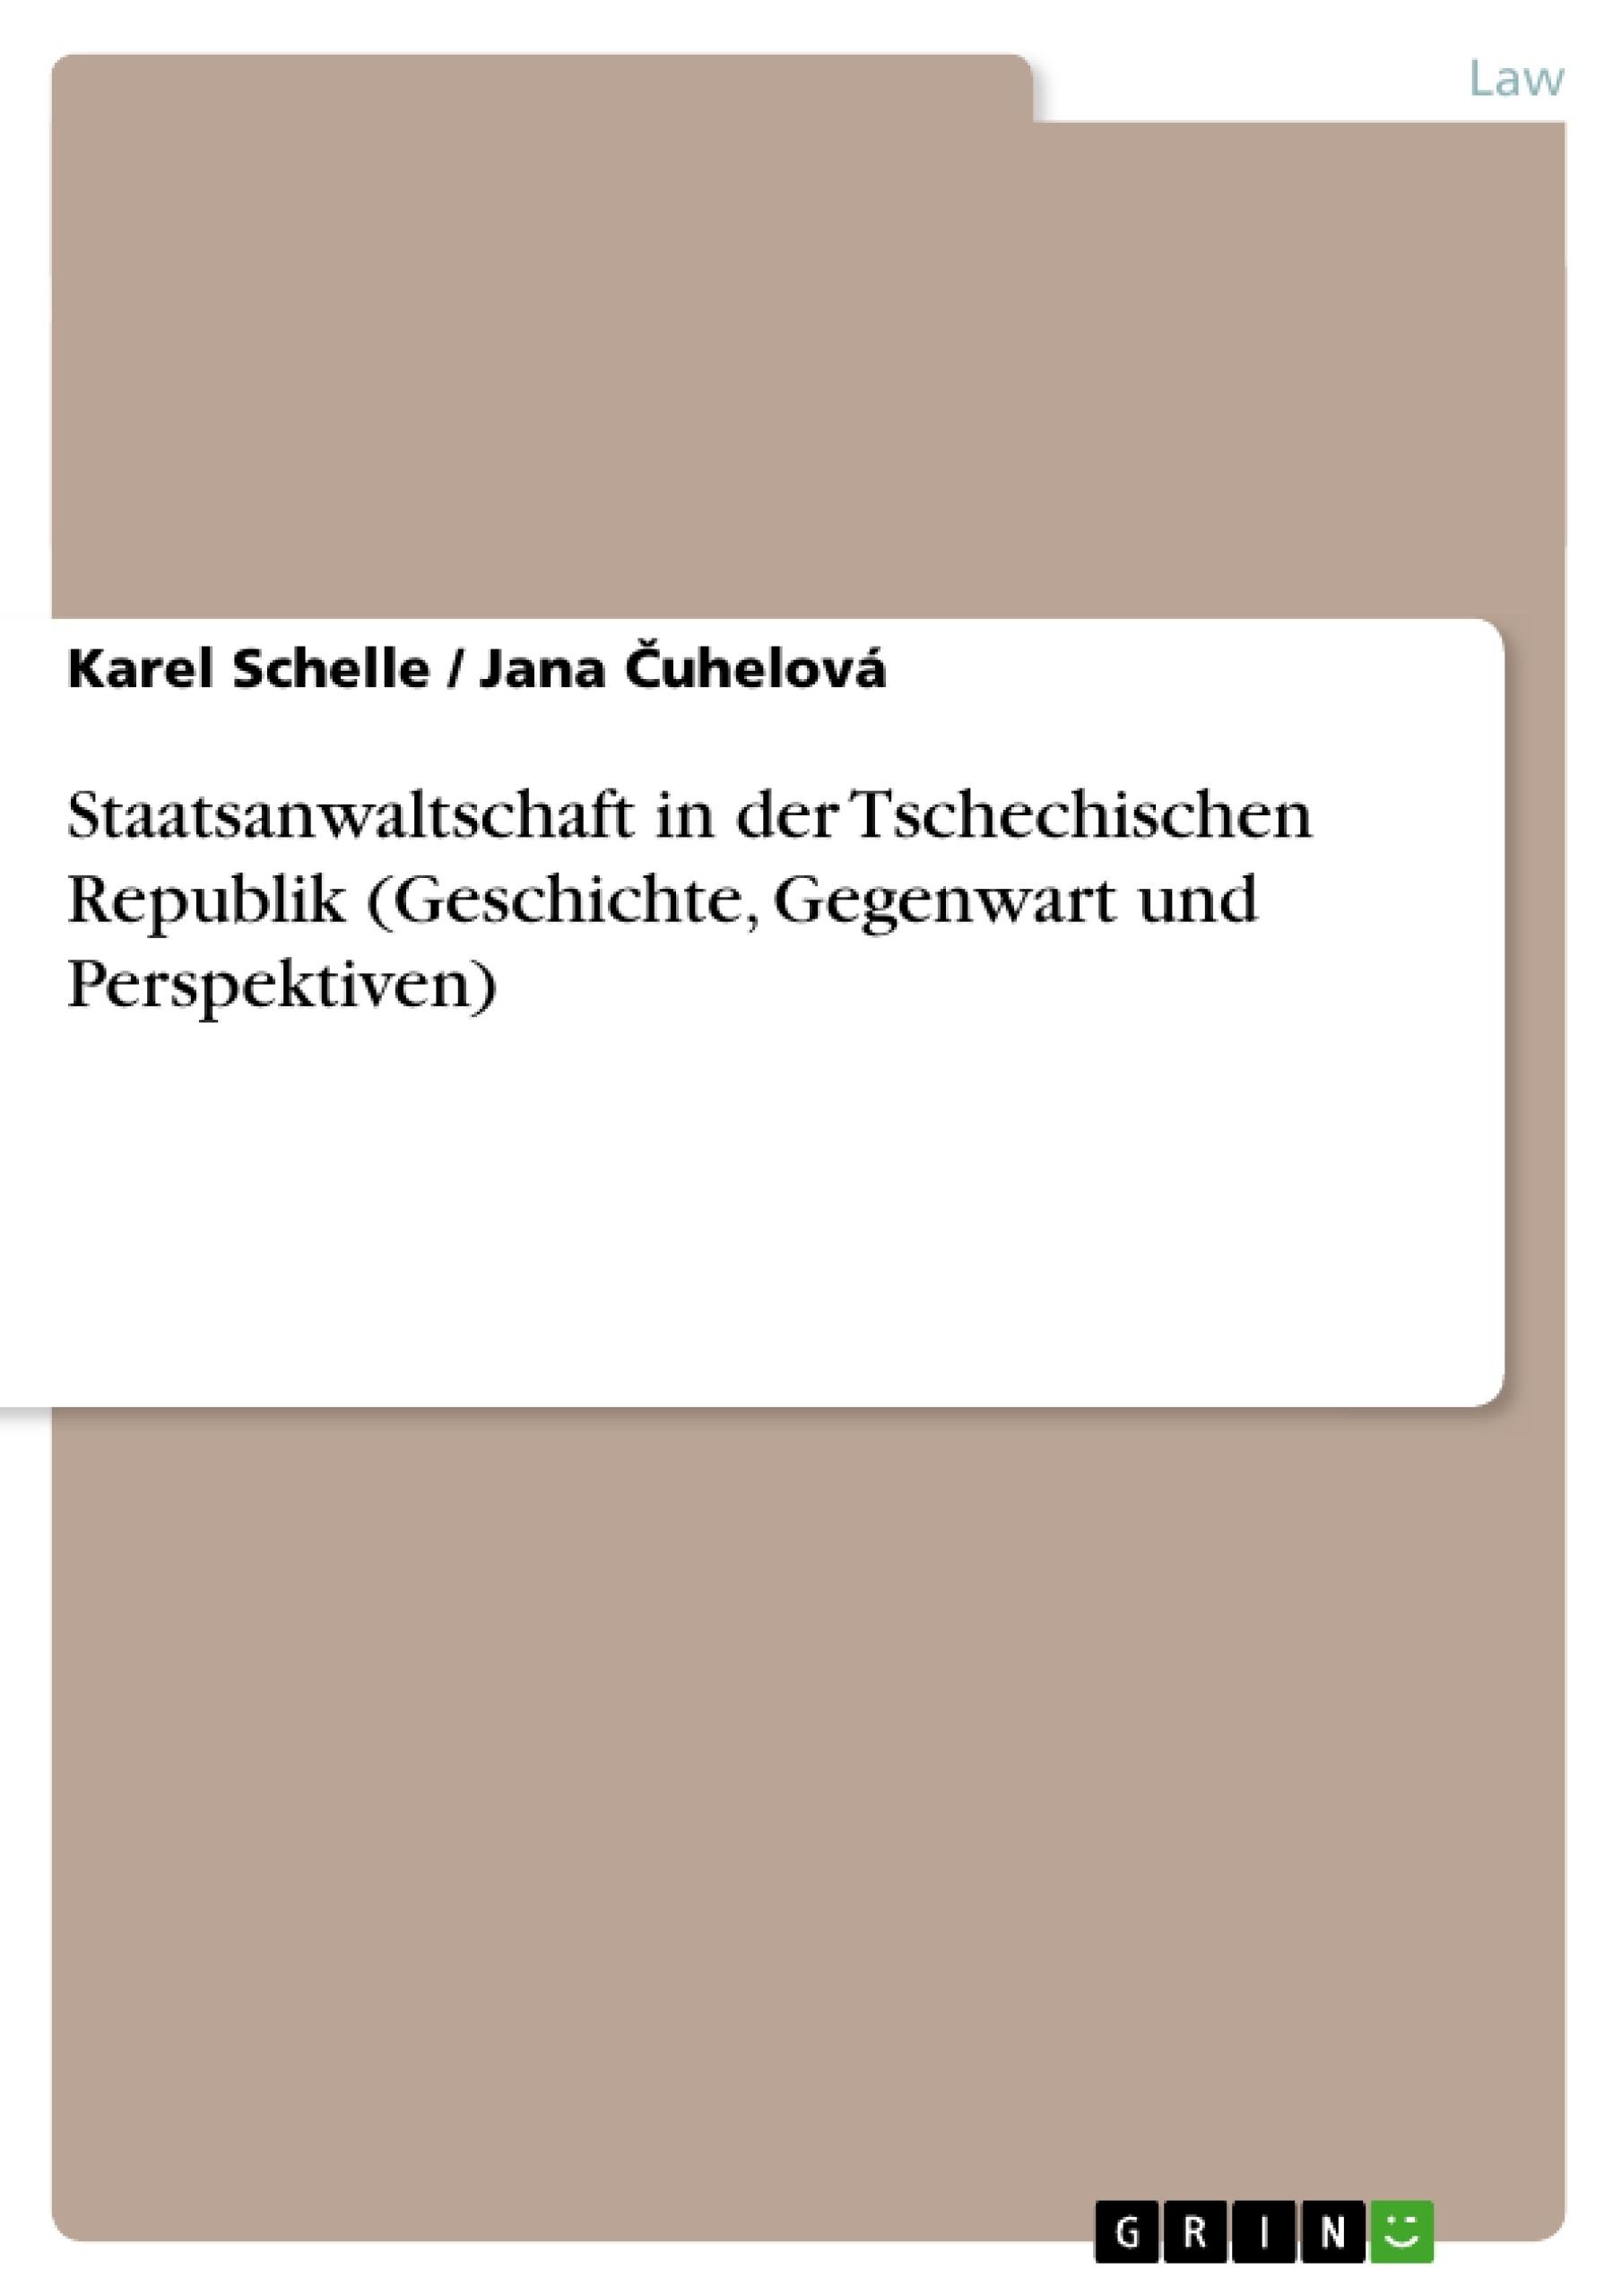 Title: Staatsanwaltschaft in der Tschechischen Republik (Geschichte, Gegenwart und Perspektiven)